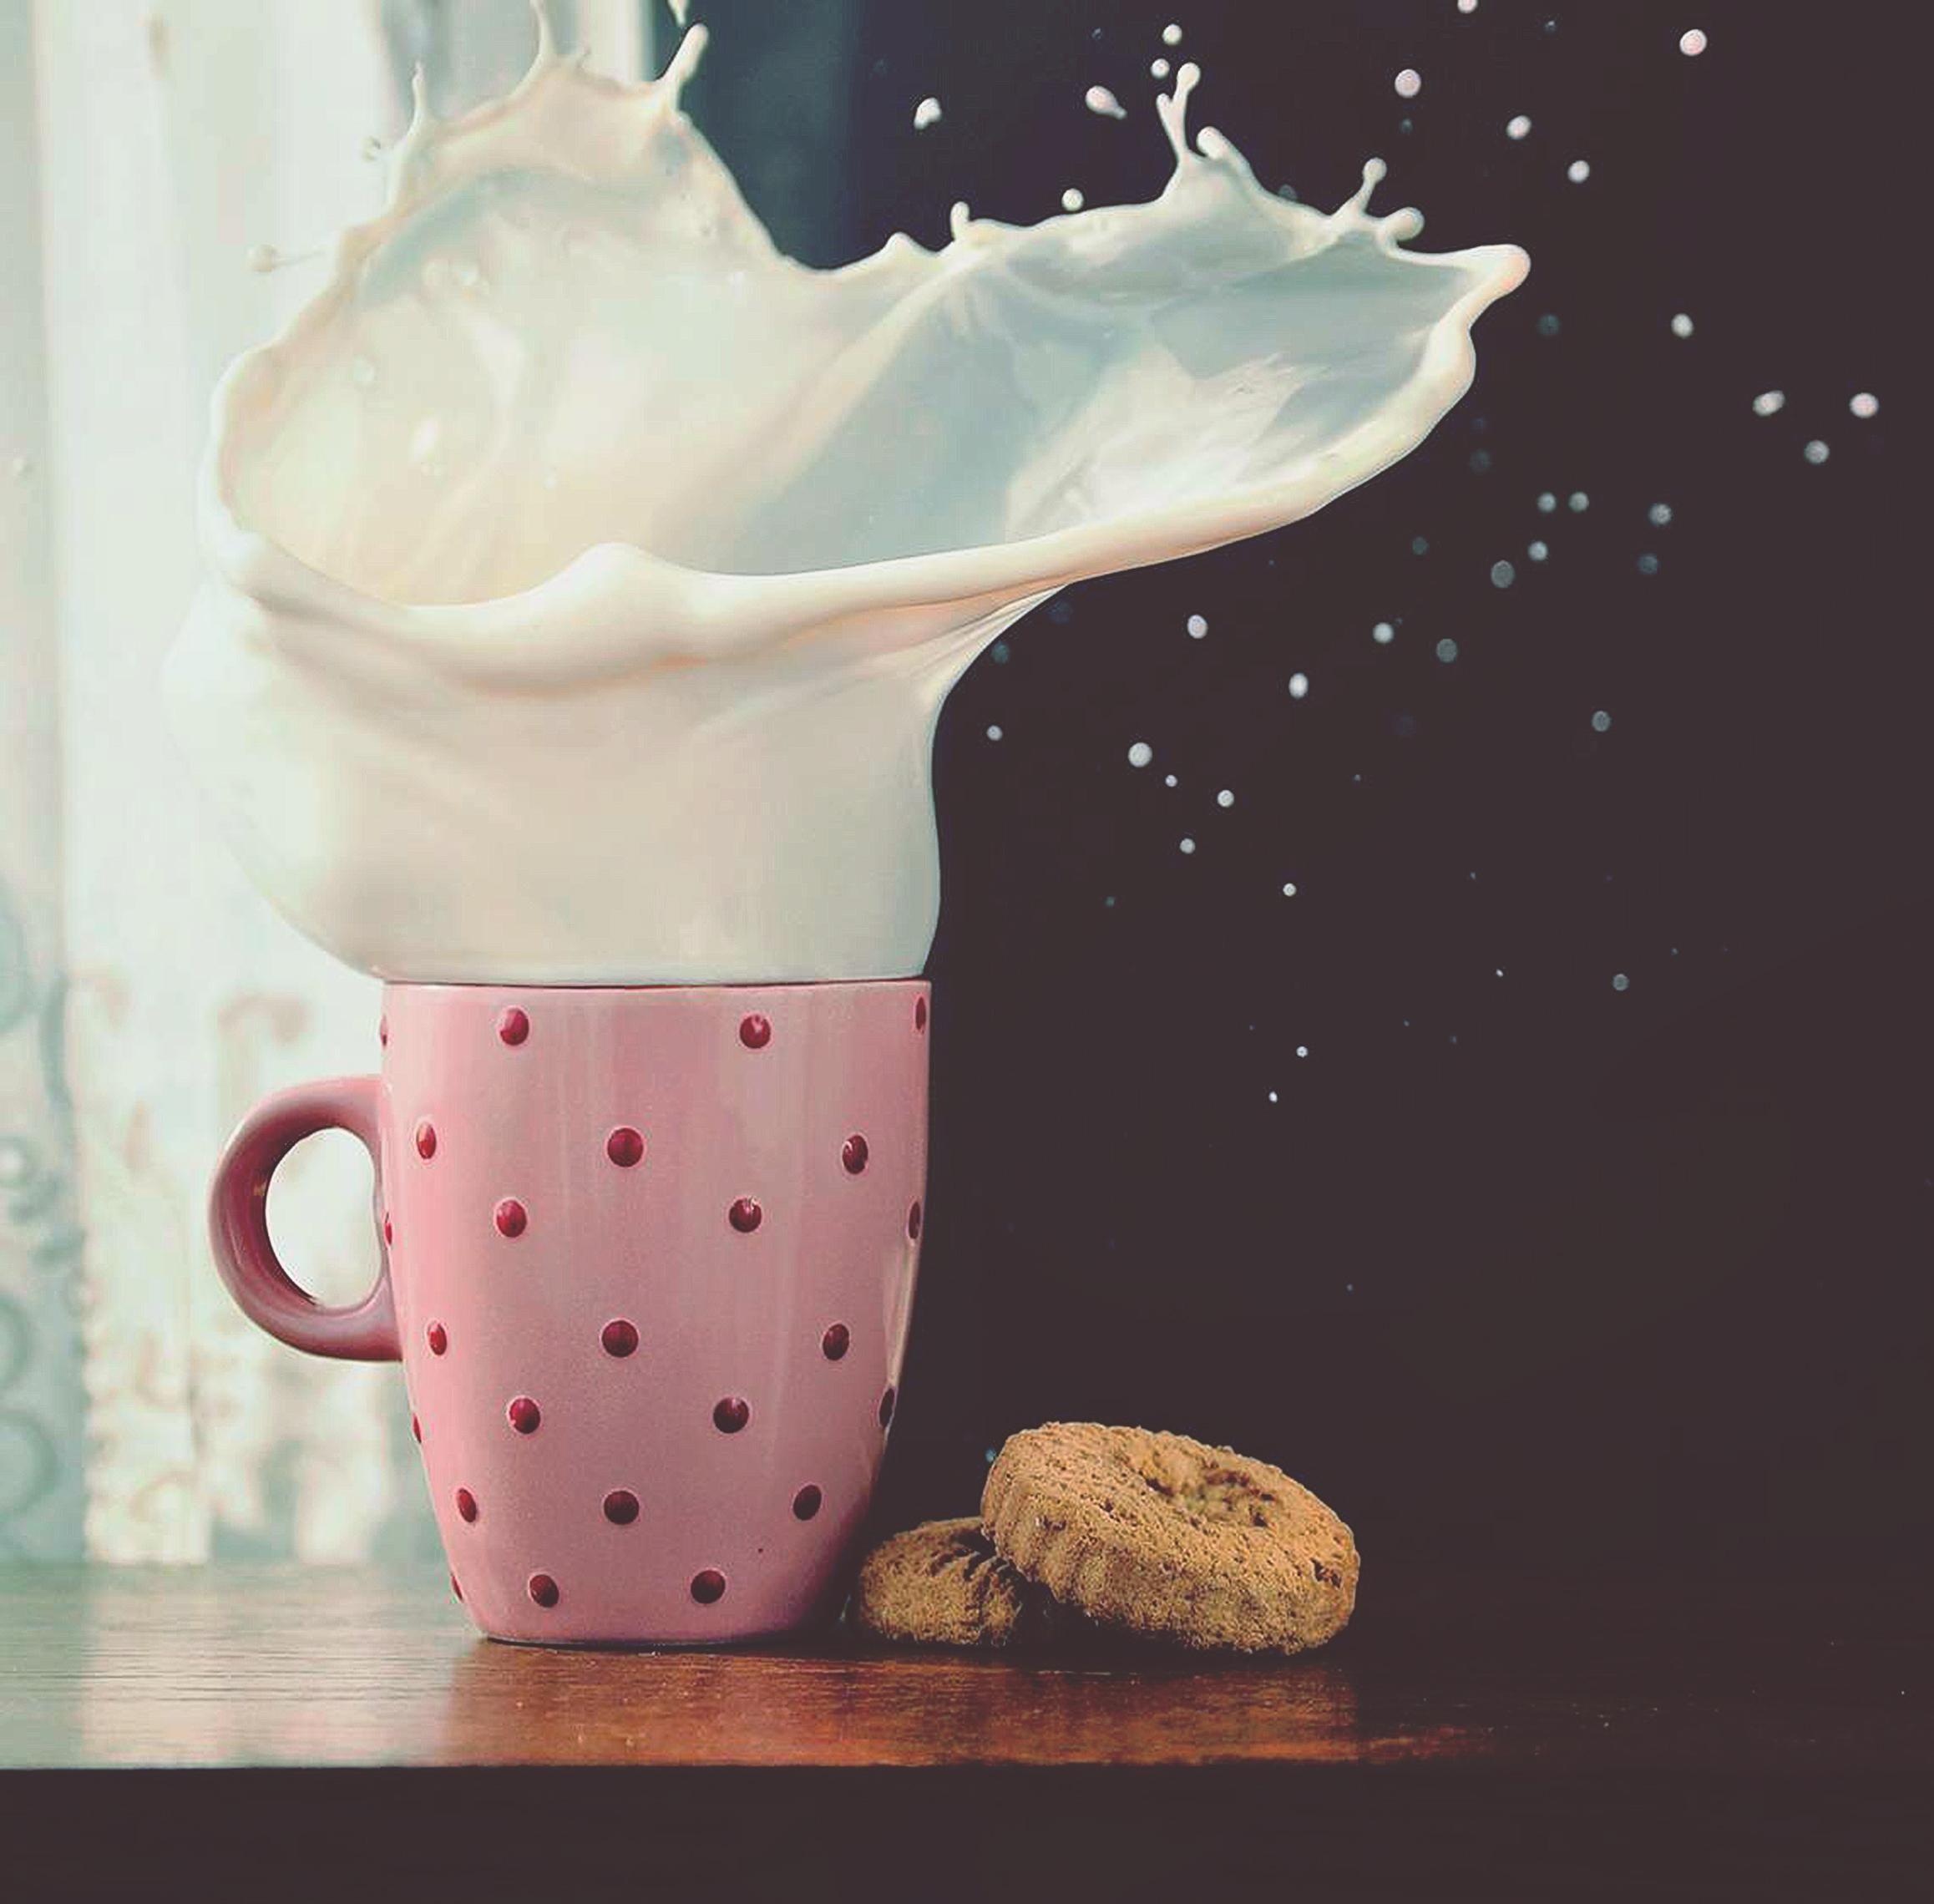 Itap Of A Cookie Splash Satisfying Pictures This Is Water Splash Hd wallpaper milk splash cookies mug